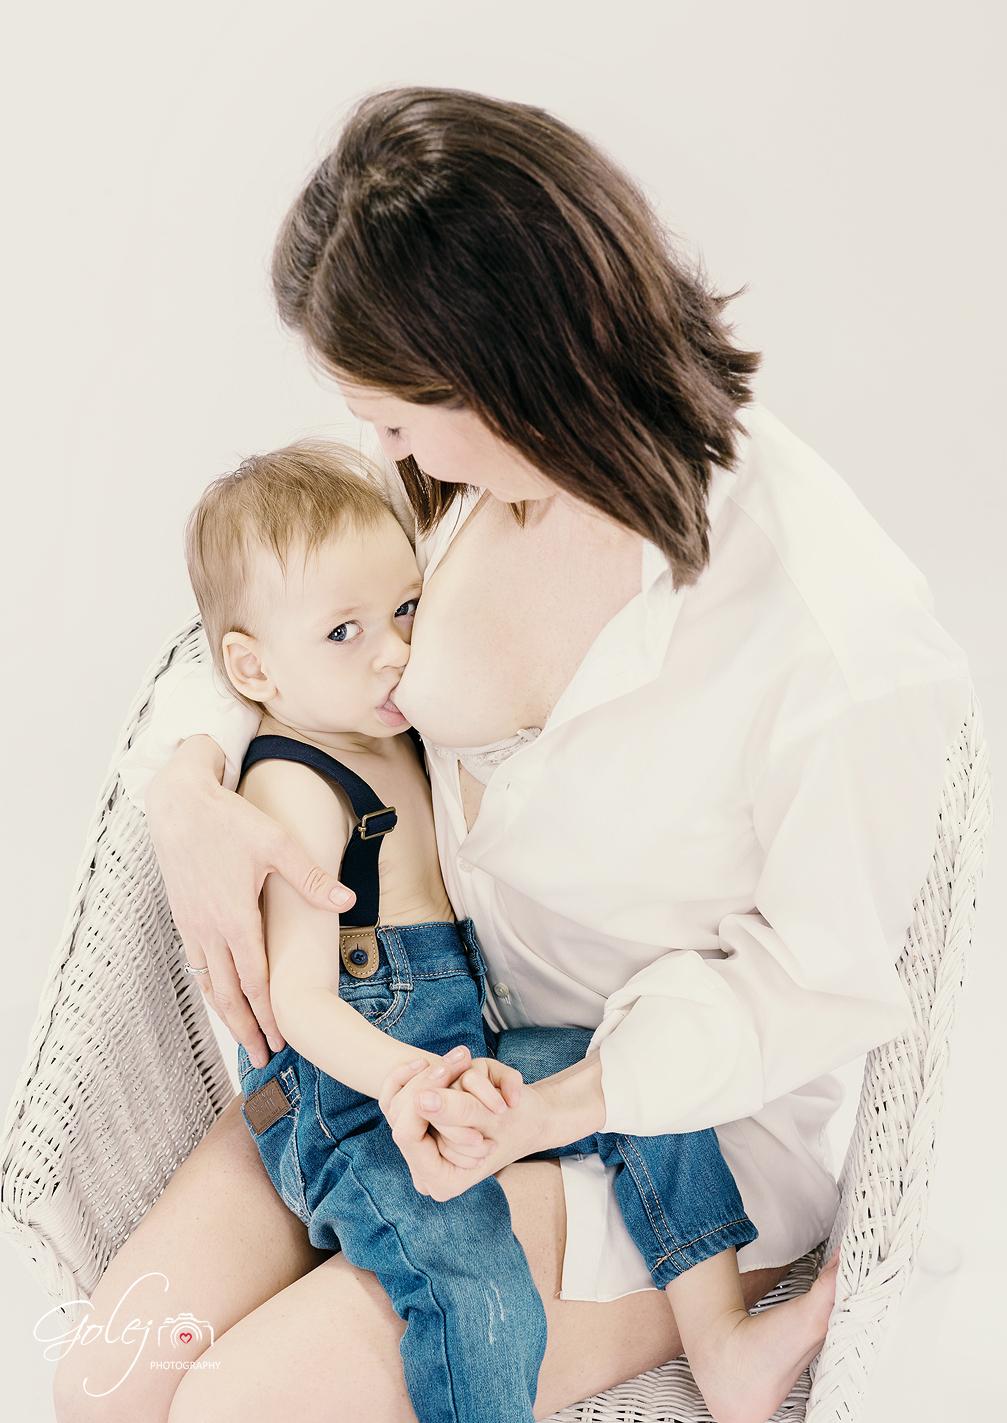 Dojcit deti je zdrave